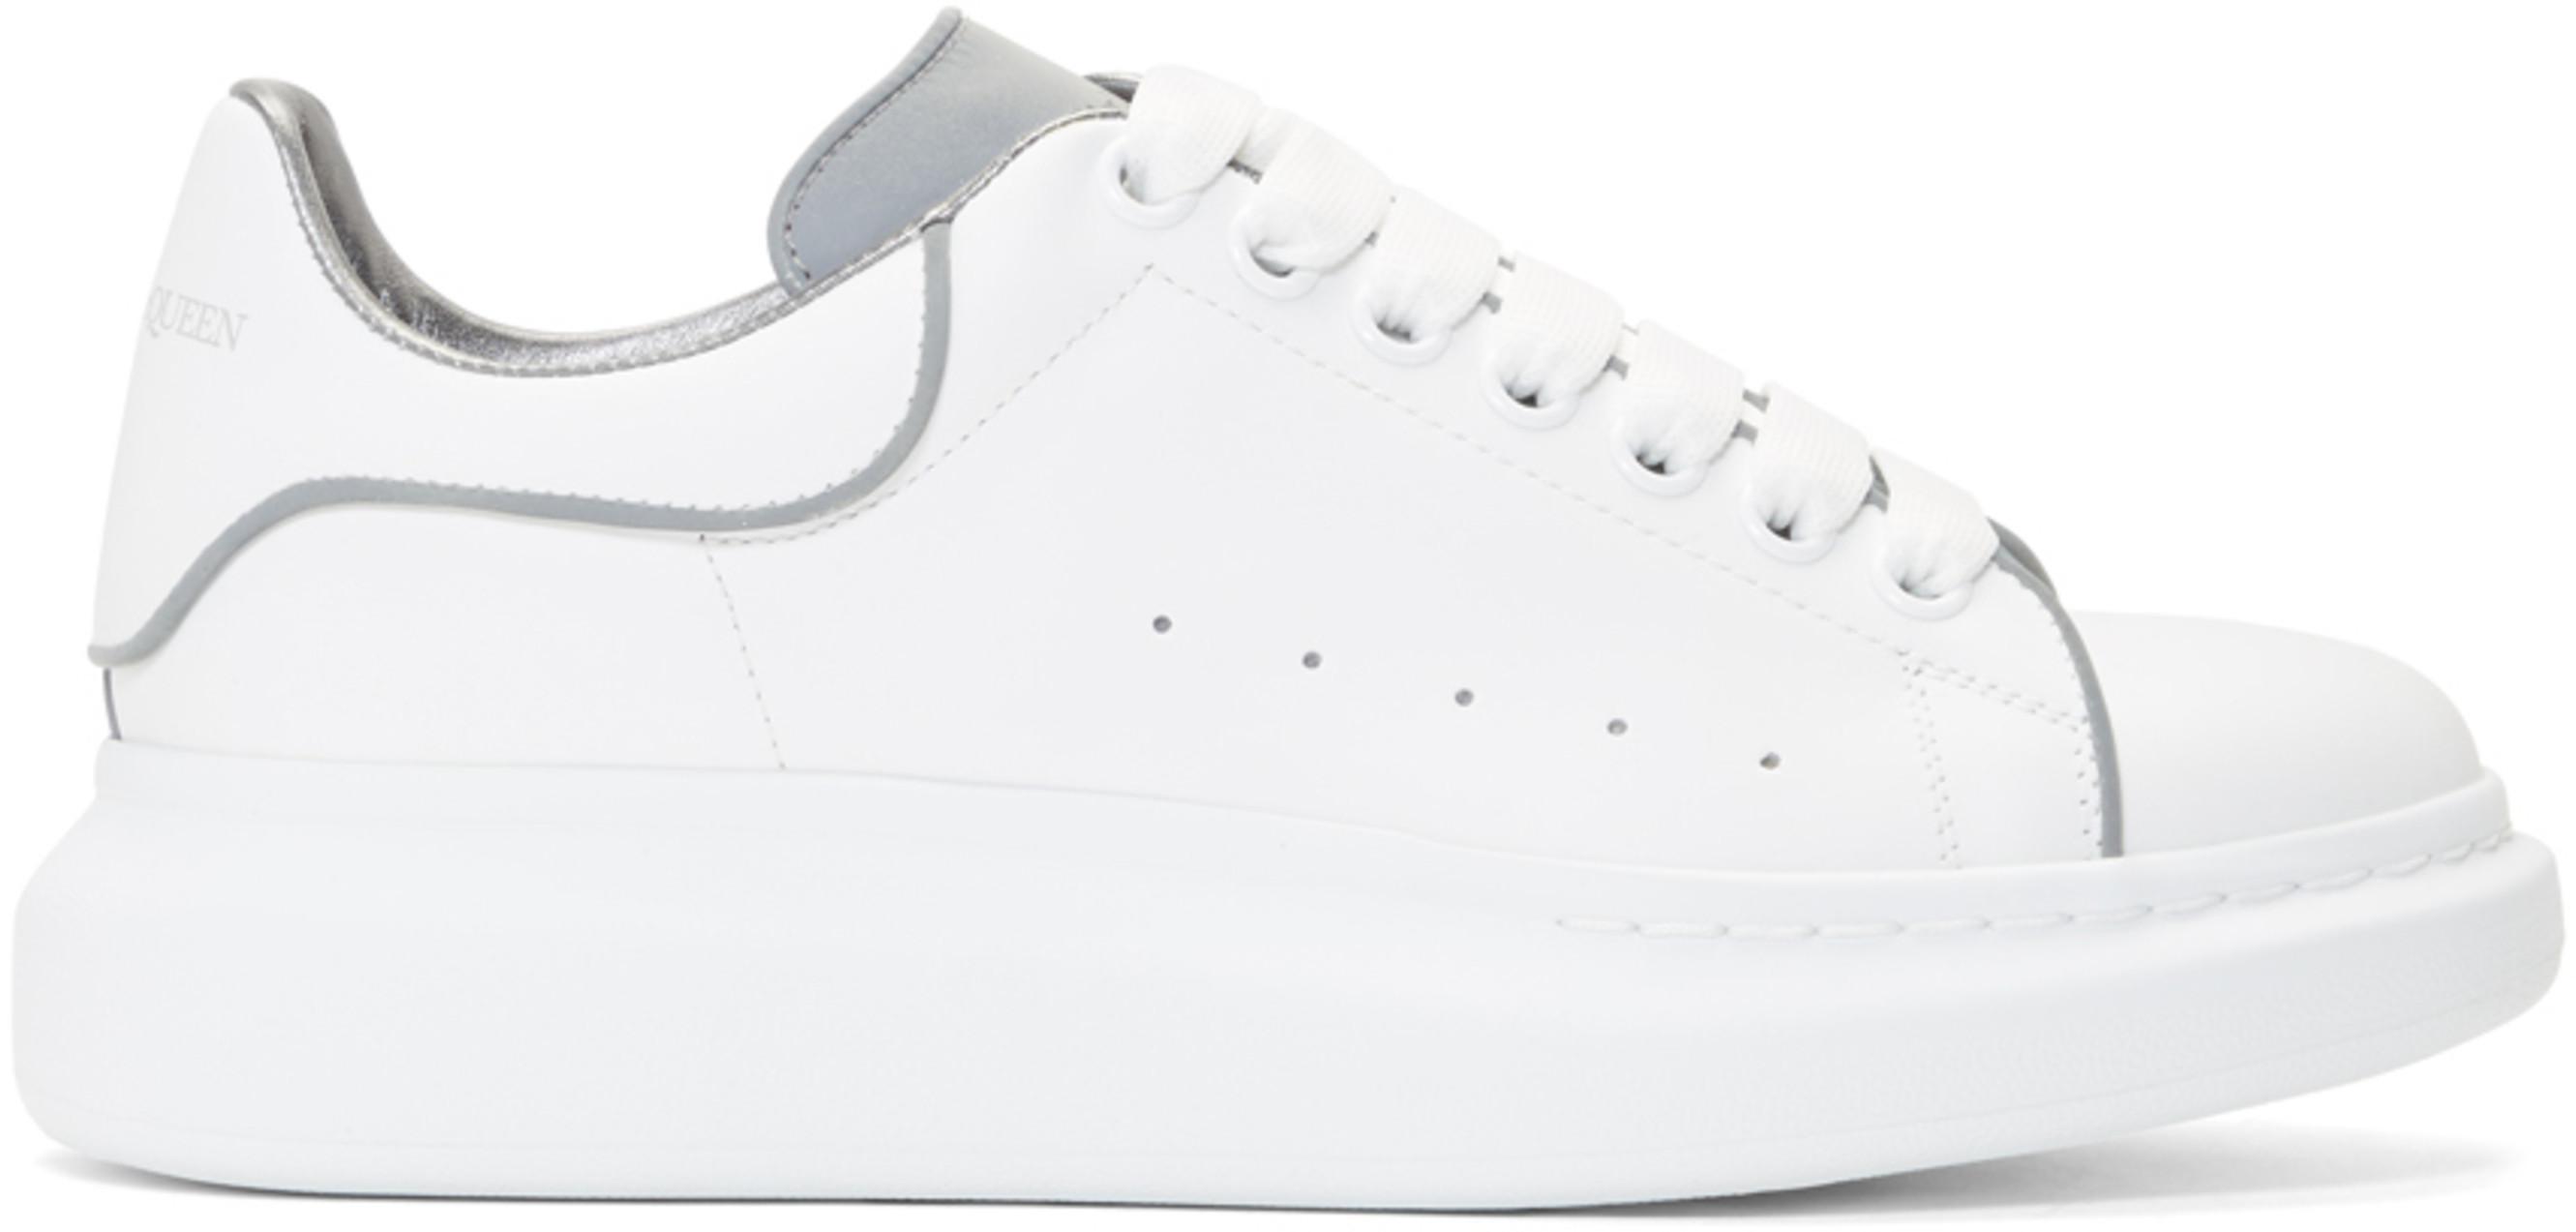 a2cb2d4a2d4a Alexander Mcqueen sneakers for Men